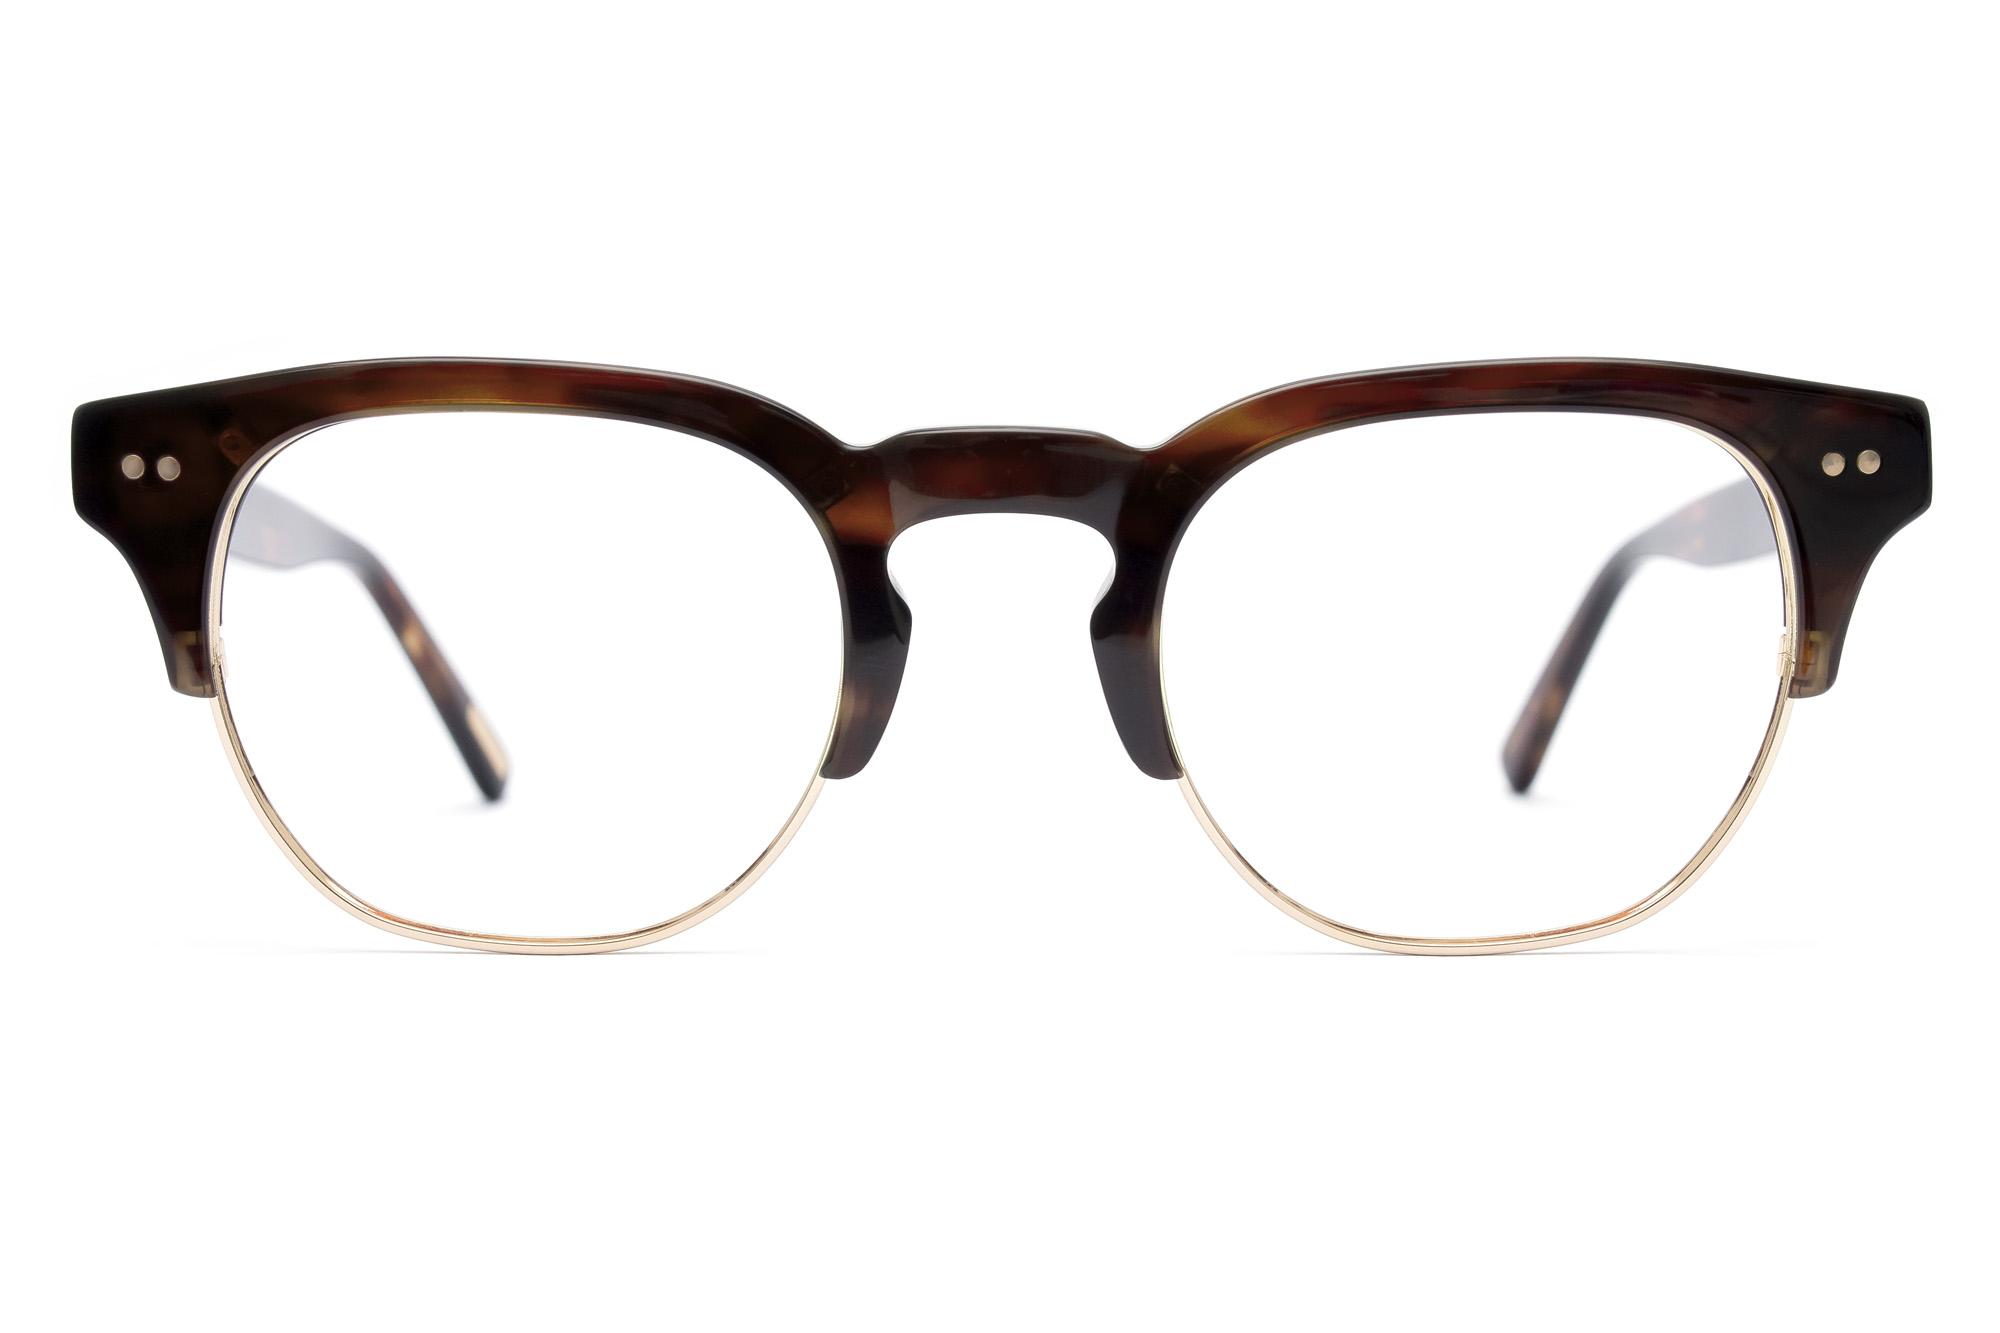 Γυαλιά οράσεως Bluesky Santo Forrest Πειραιάς